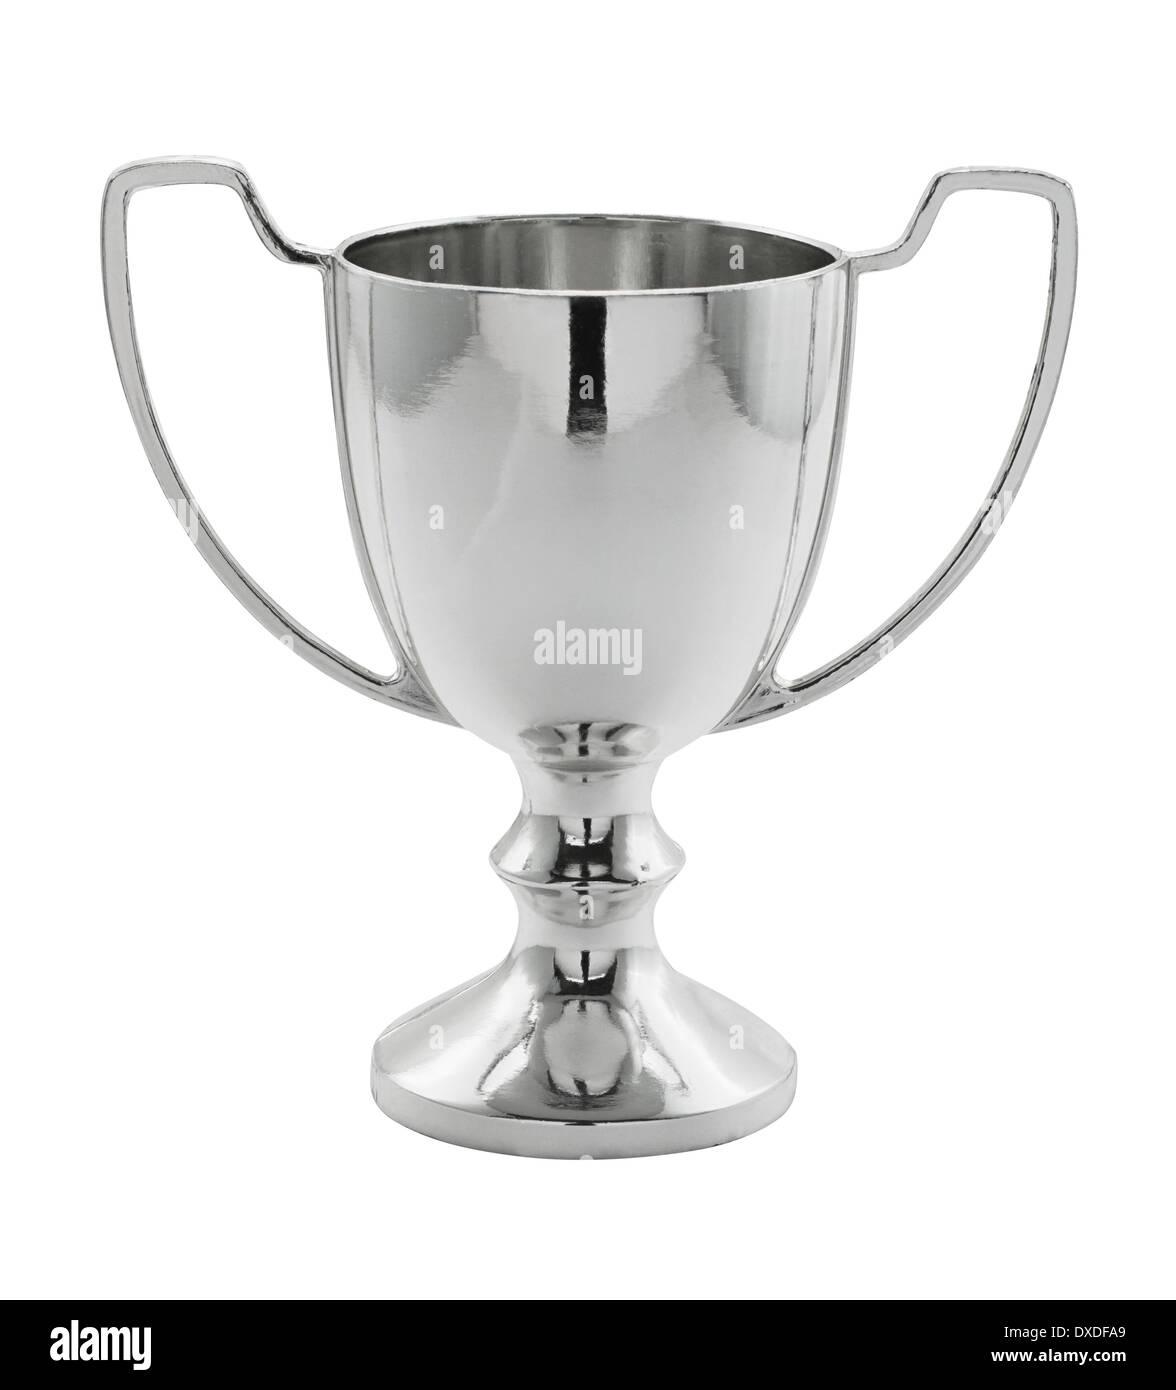 Gagner Argent isolé trophée grand concept de réalisation, de réussite ou de la première place d'un concours. Photo Stock